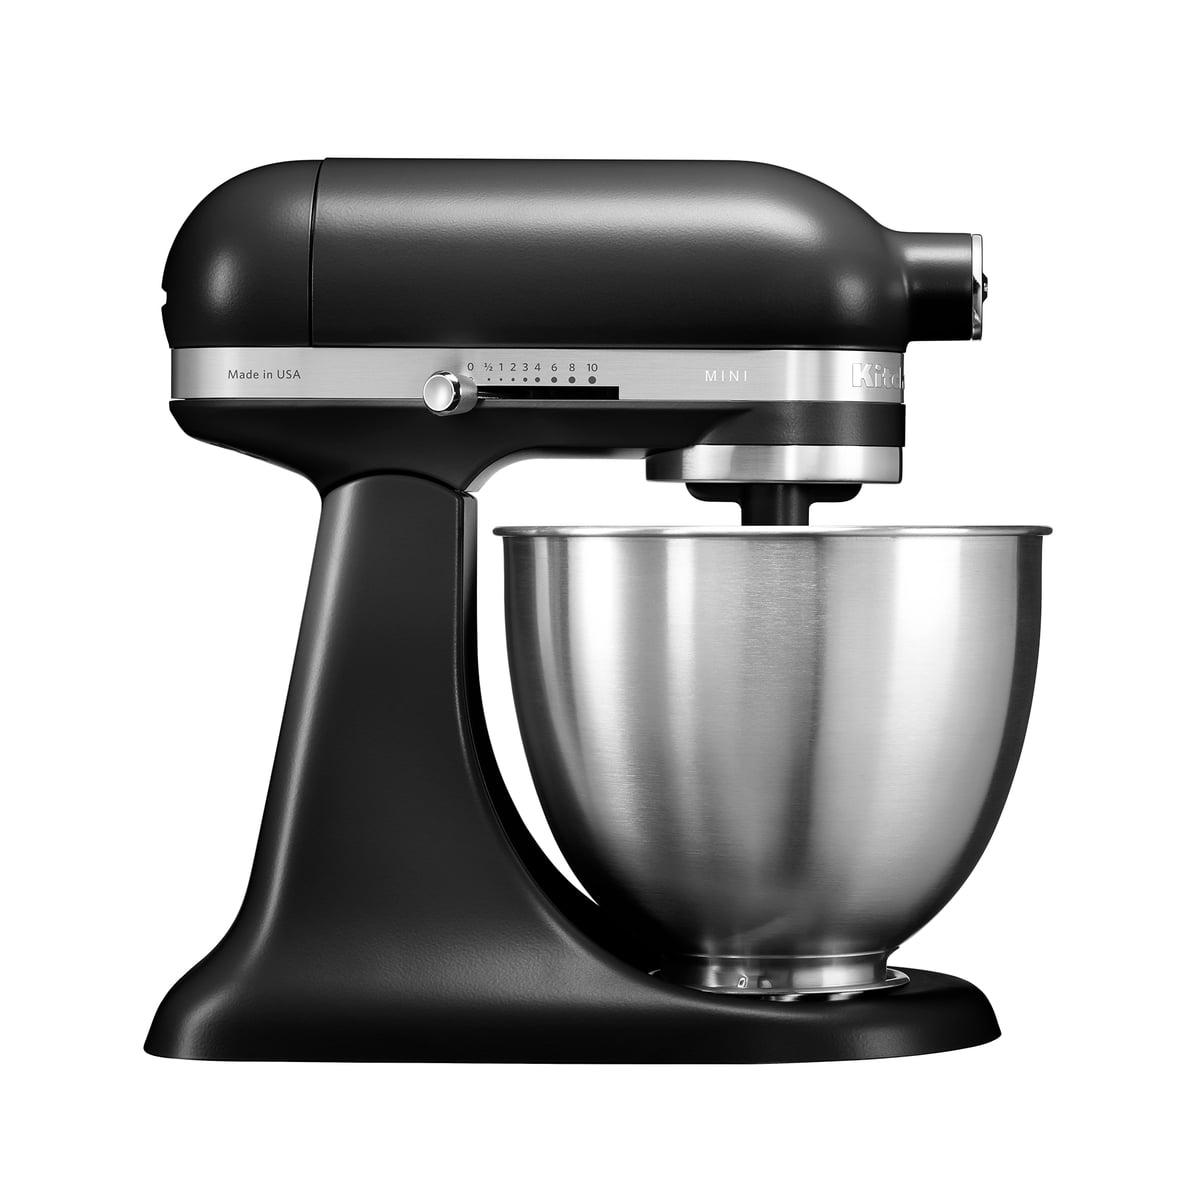 Kitchen Aid KitchenAid - Mini Küchenmaschine 3,3 l, matt schwarz | Küche und Esszimmer > Küchen > Miniküchen | Schwarz - Matt | Kitchen Aid